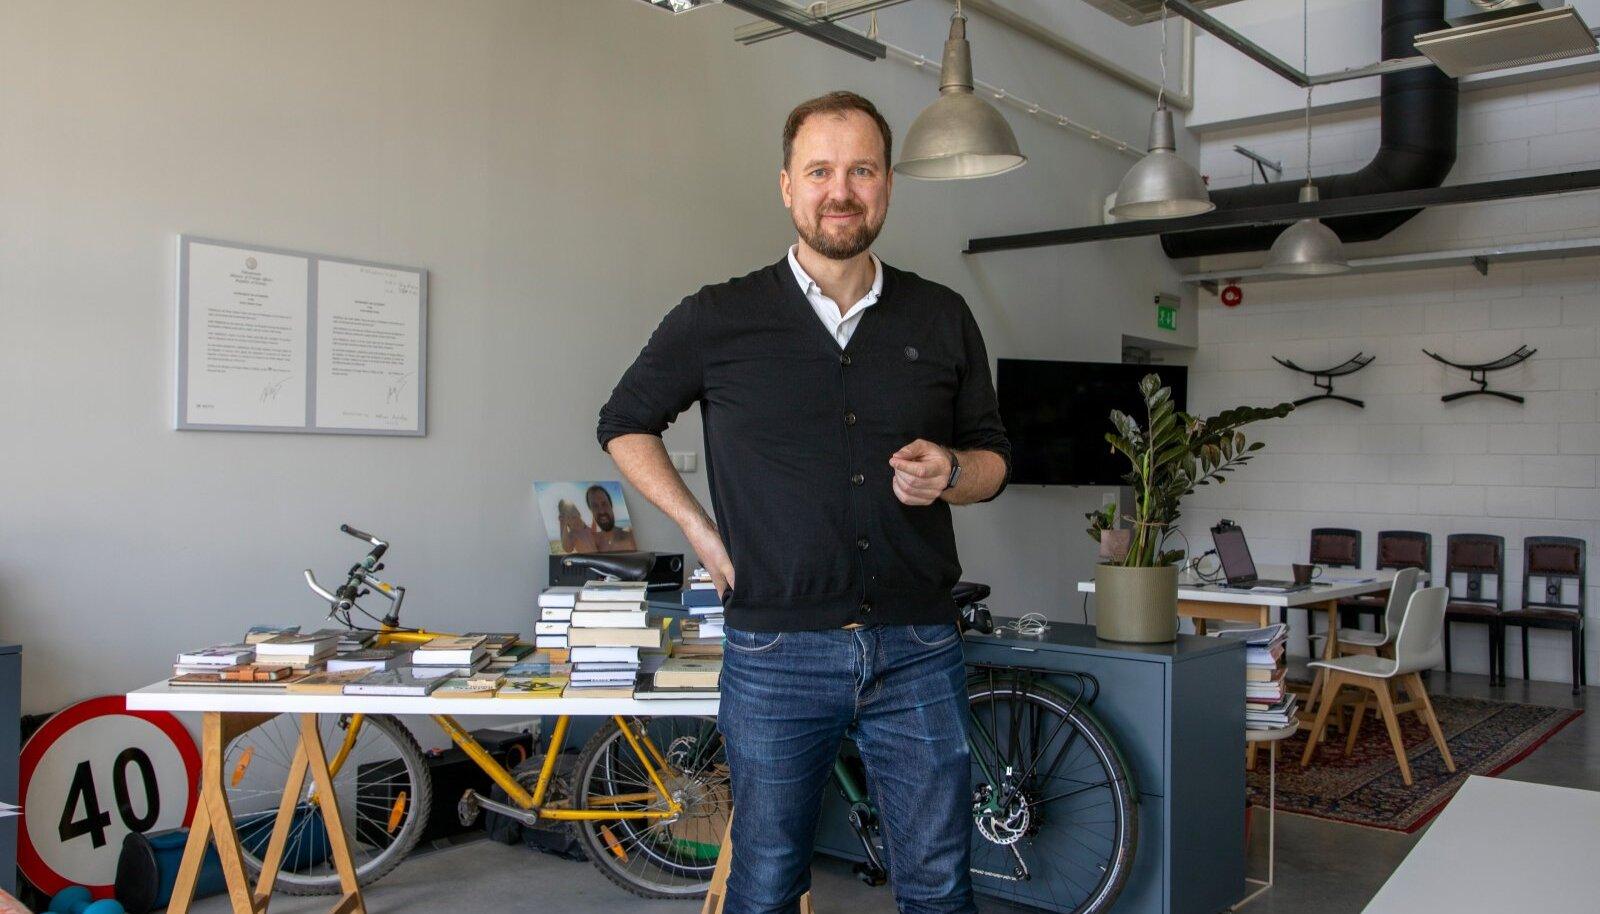 Juristist ettevõtja Allan Kaldoja esindab suhteliselt uut nähtust Eesti kultuurielus, kus edukad ärimehed on võtnud nõuks mitte ärikasumi, vaid püüavad selle edenemisele aadete nimel kaasa aidata.